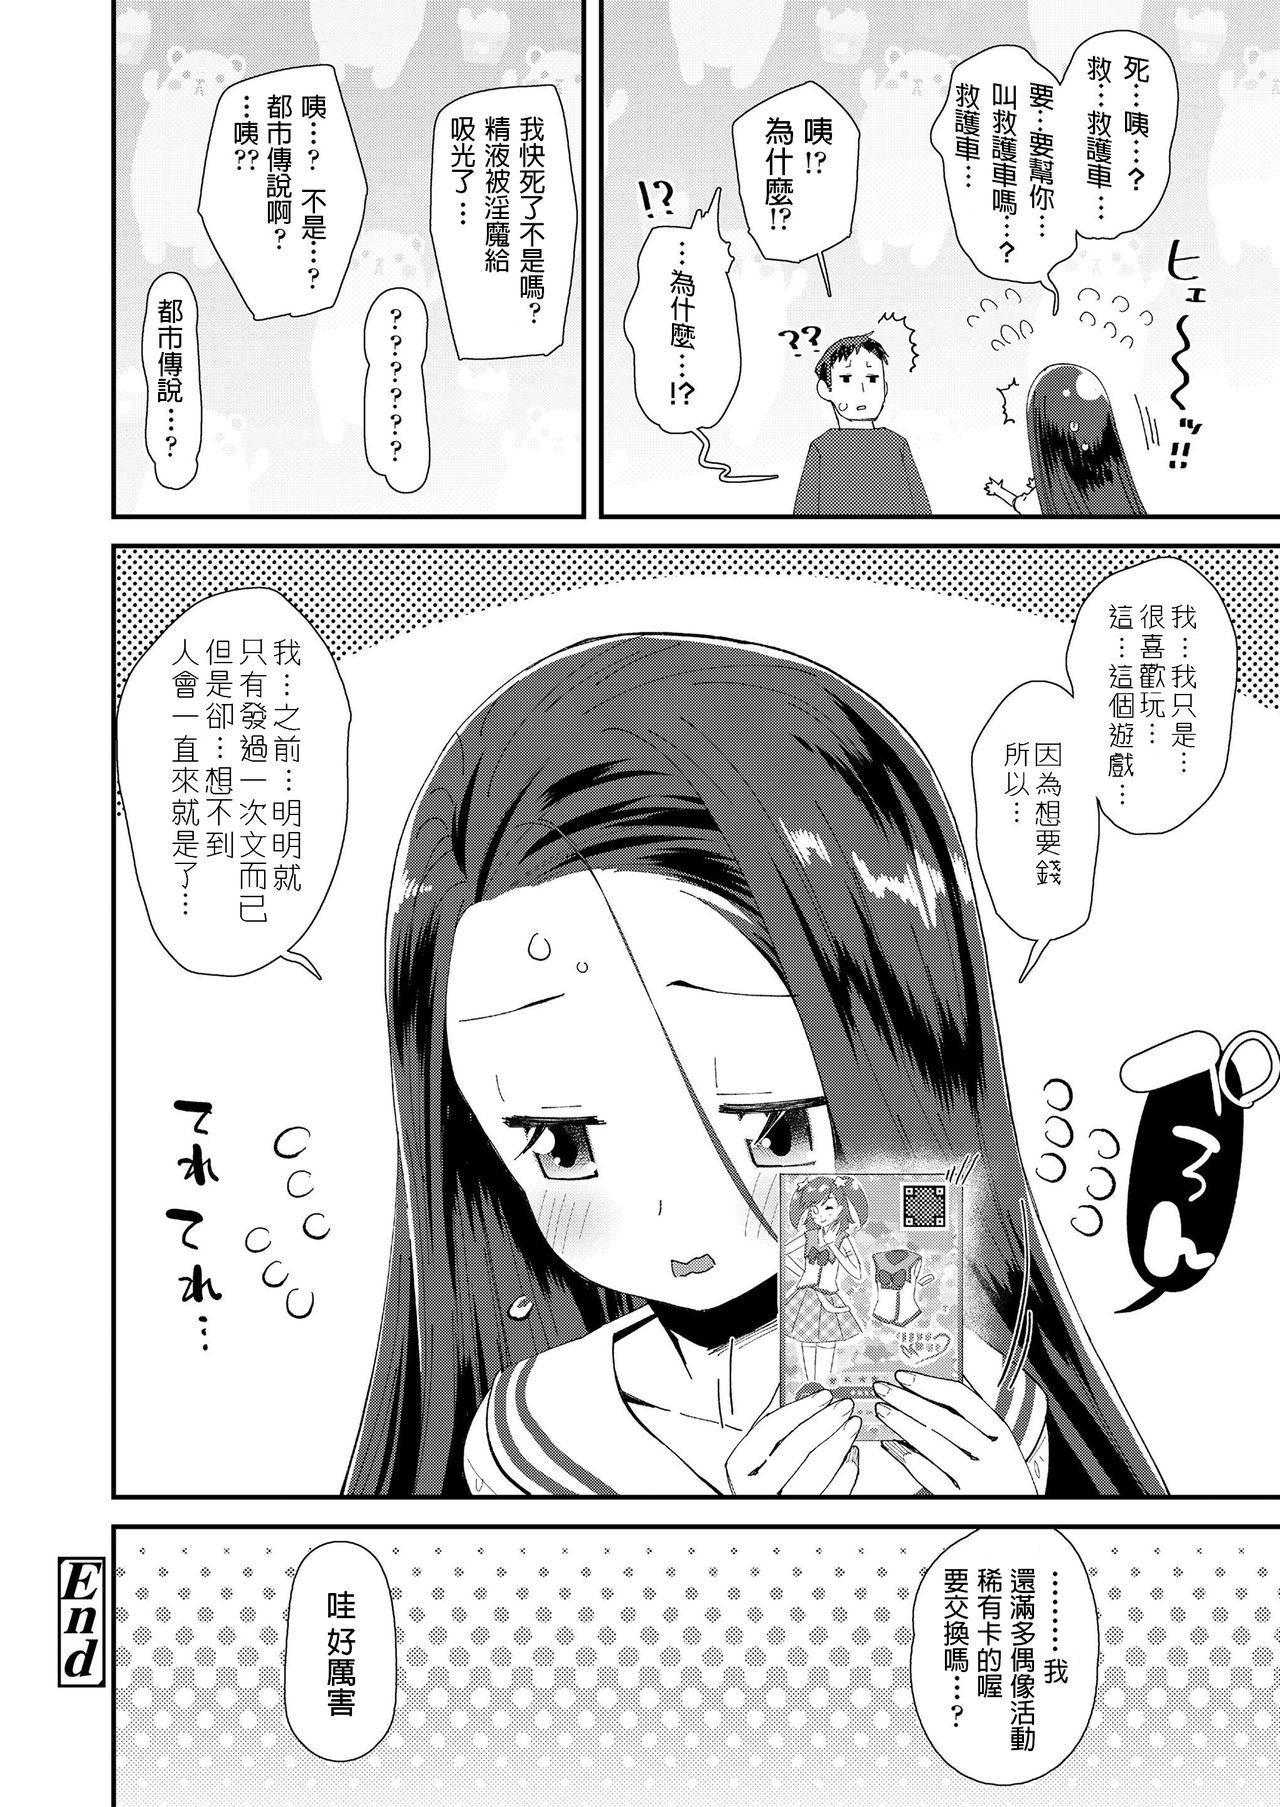 Toile no Yomi-chan 21